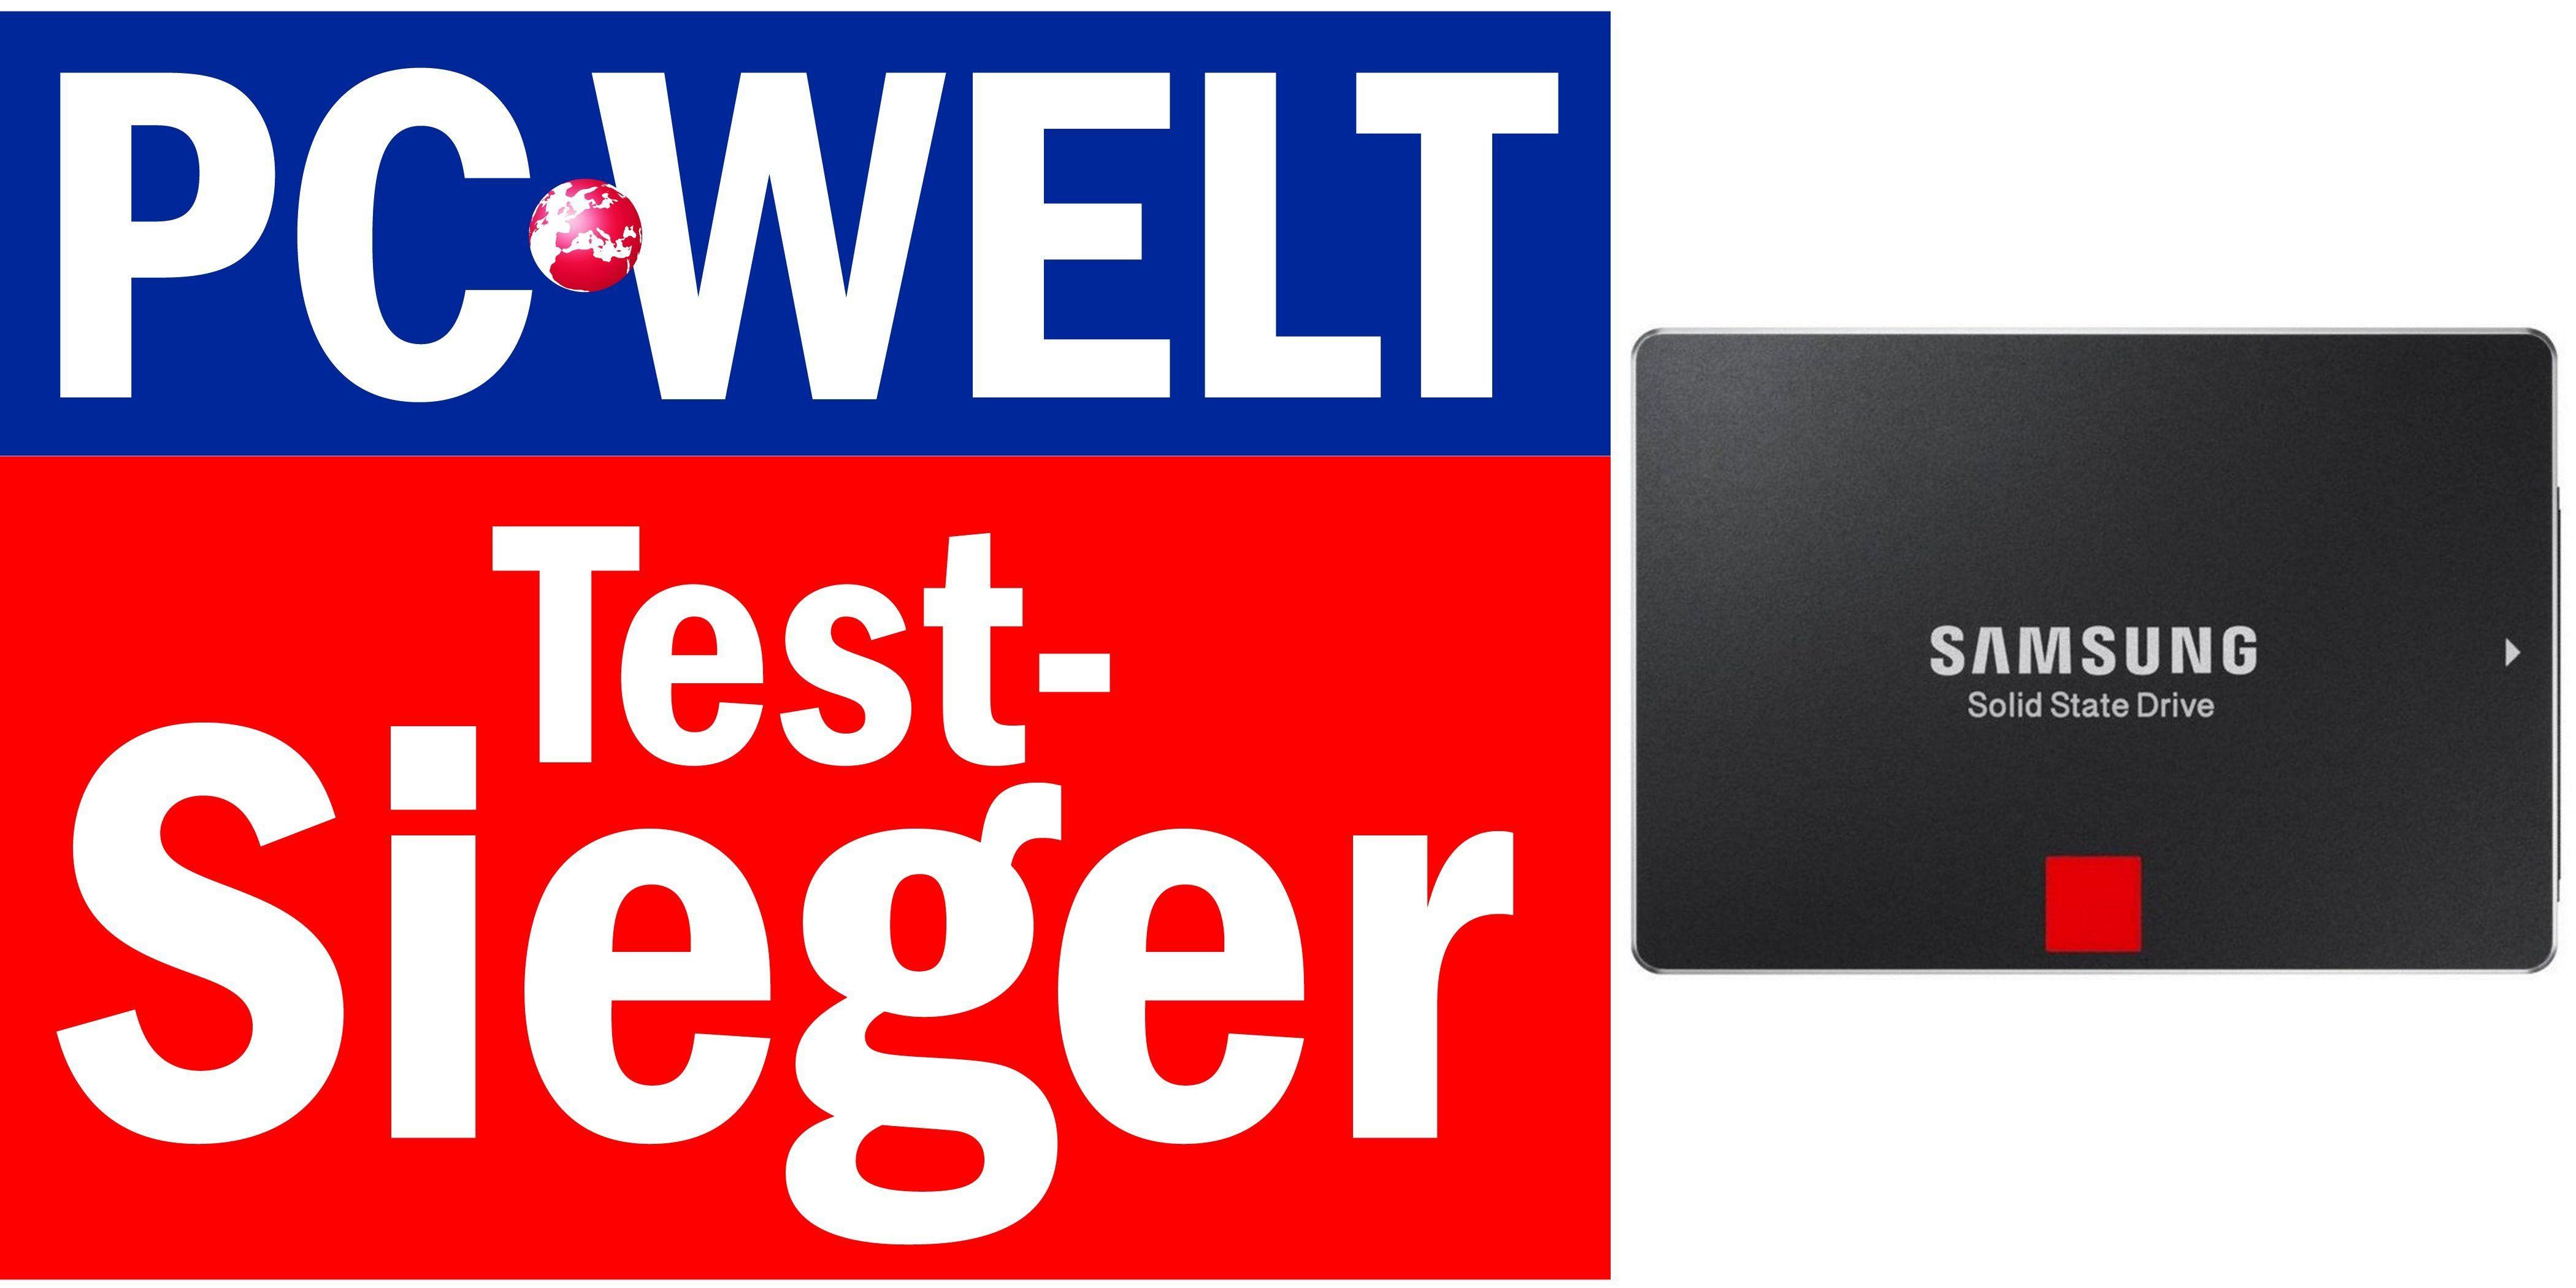 Die Besten 25 Zoll Ssds Mit 240 Bis 256 Gb Im Vergleichs Test Pc Welt Samsung Ssd 750 Evo 120gb Resmi Vergrern 850 Pro 256gb Sieger